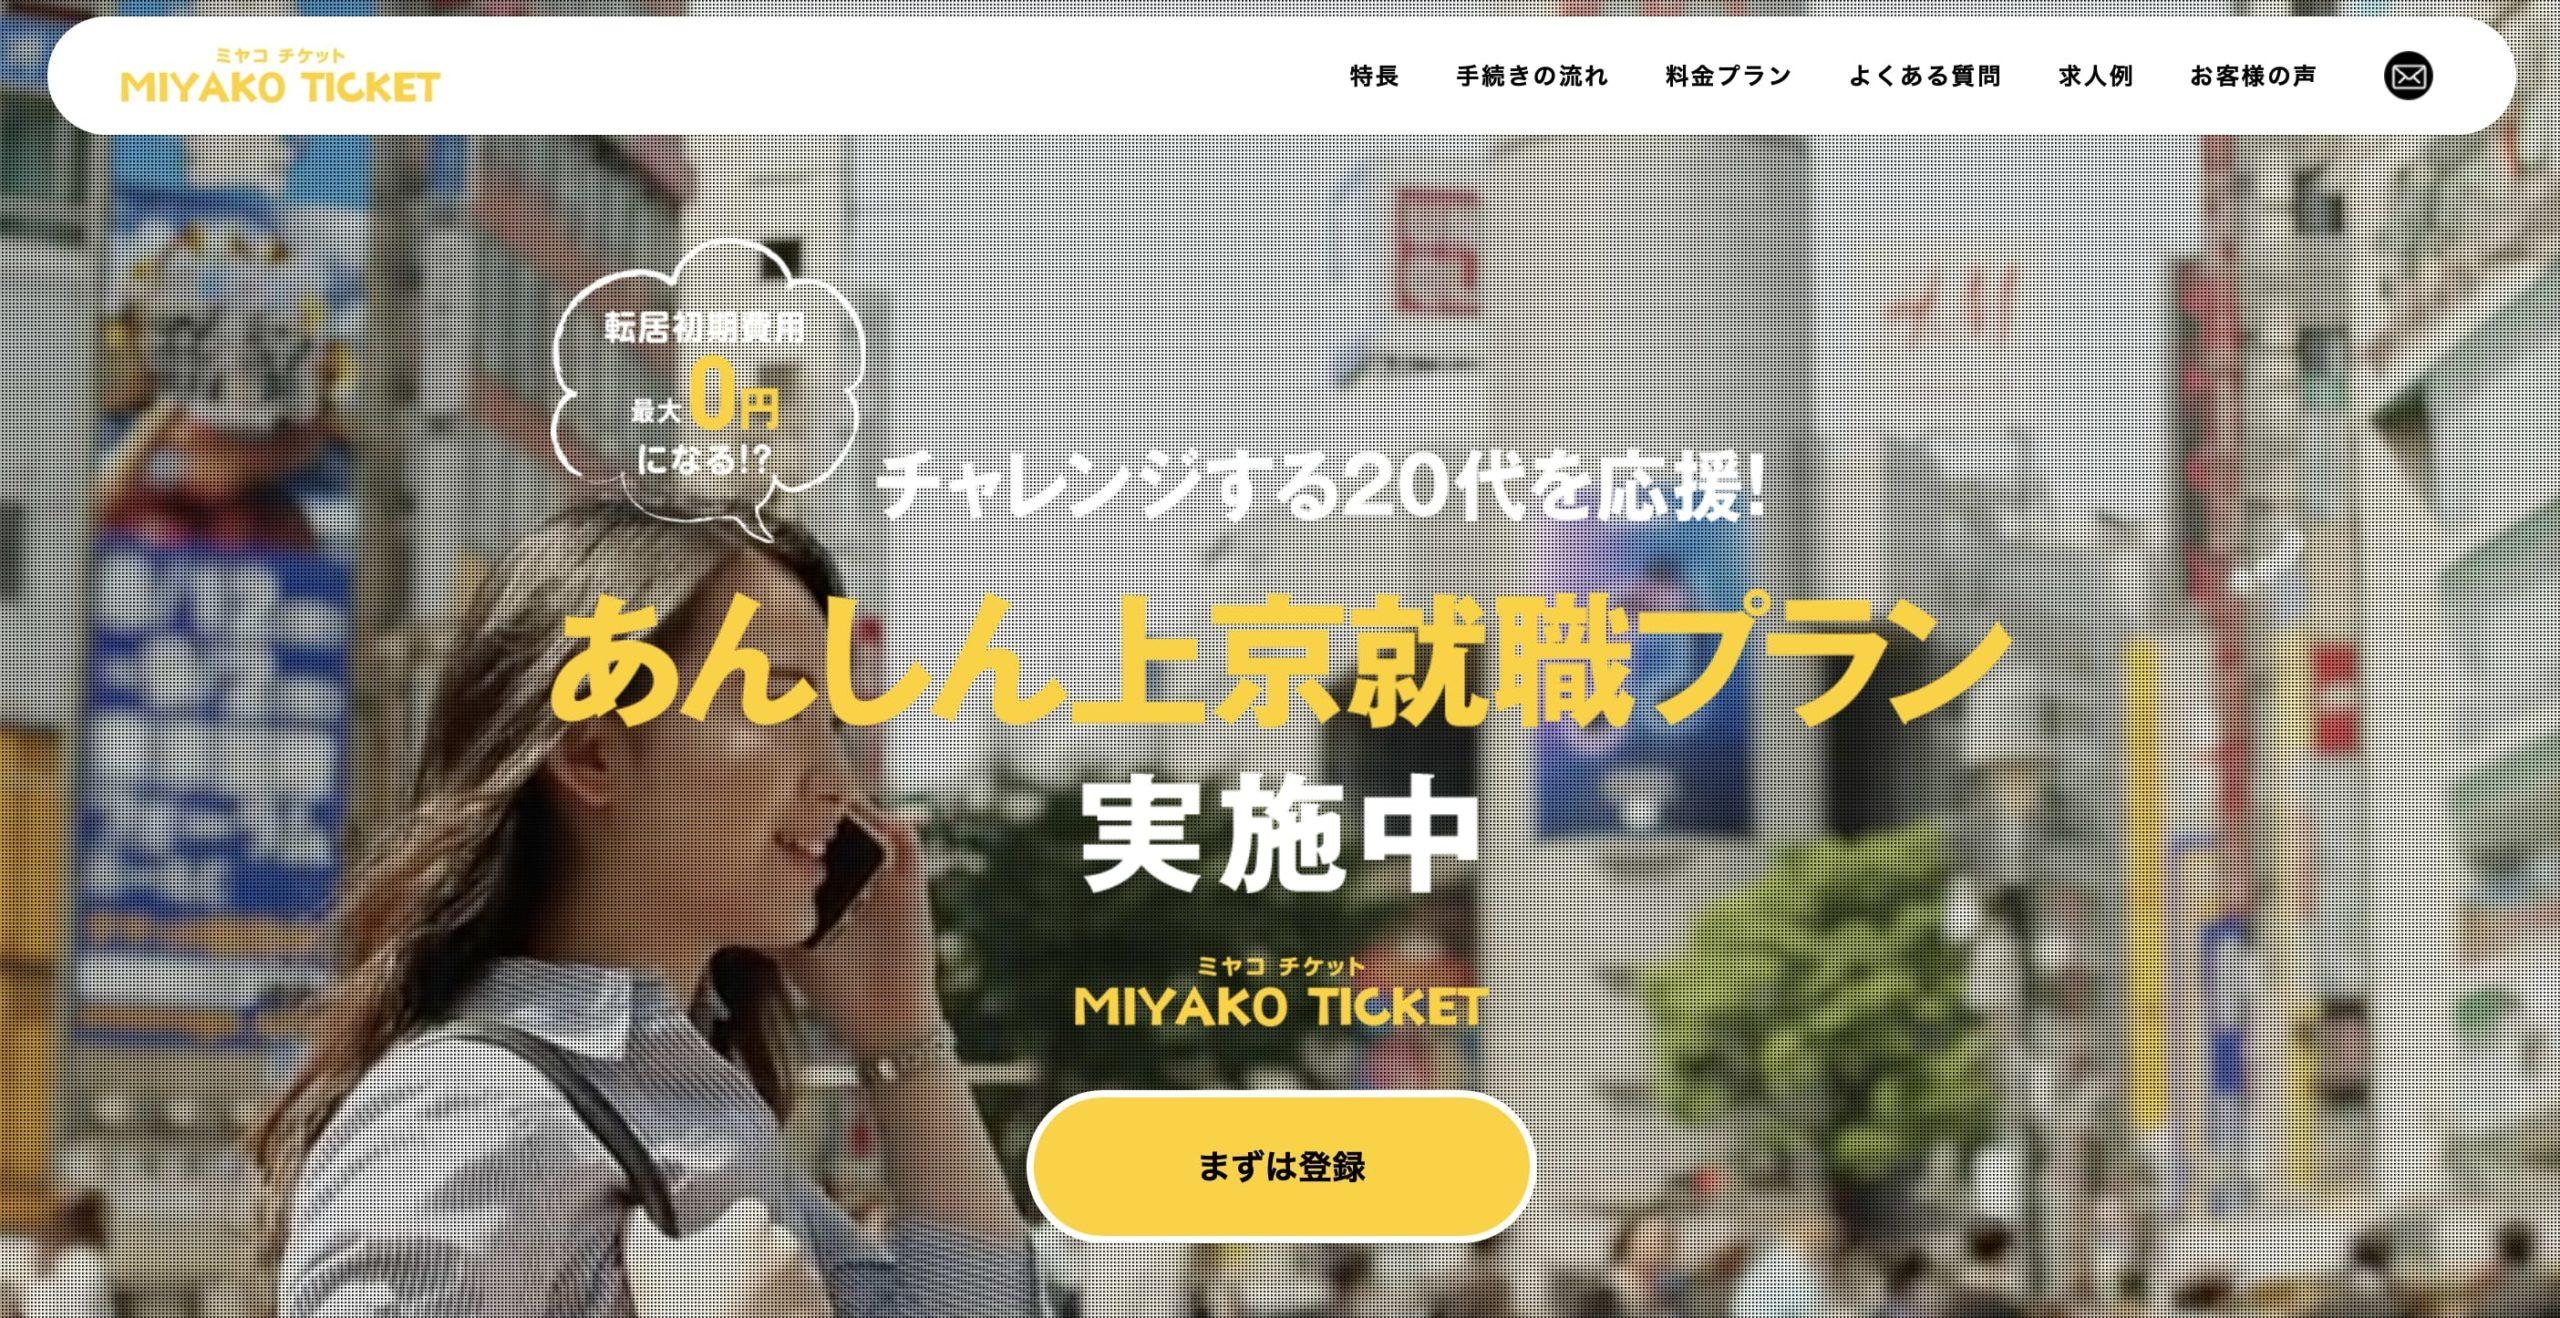 MIYAKO TICKET(ミヤコチケット)のトップページ